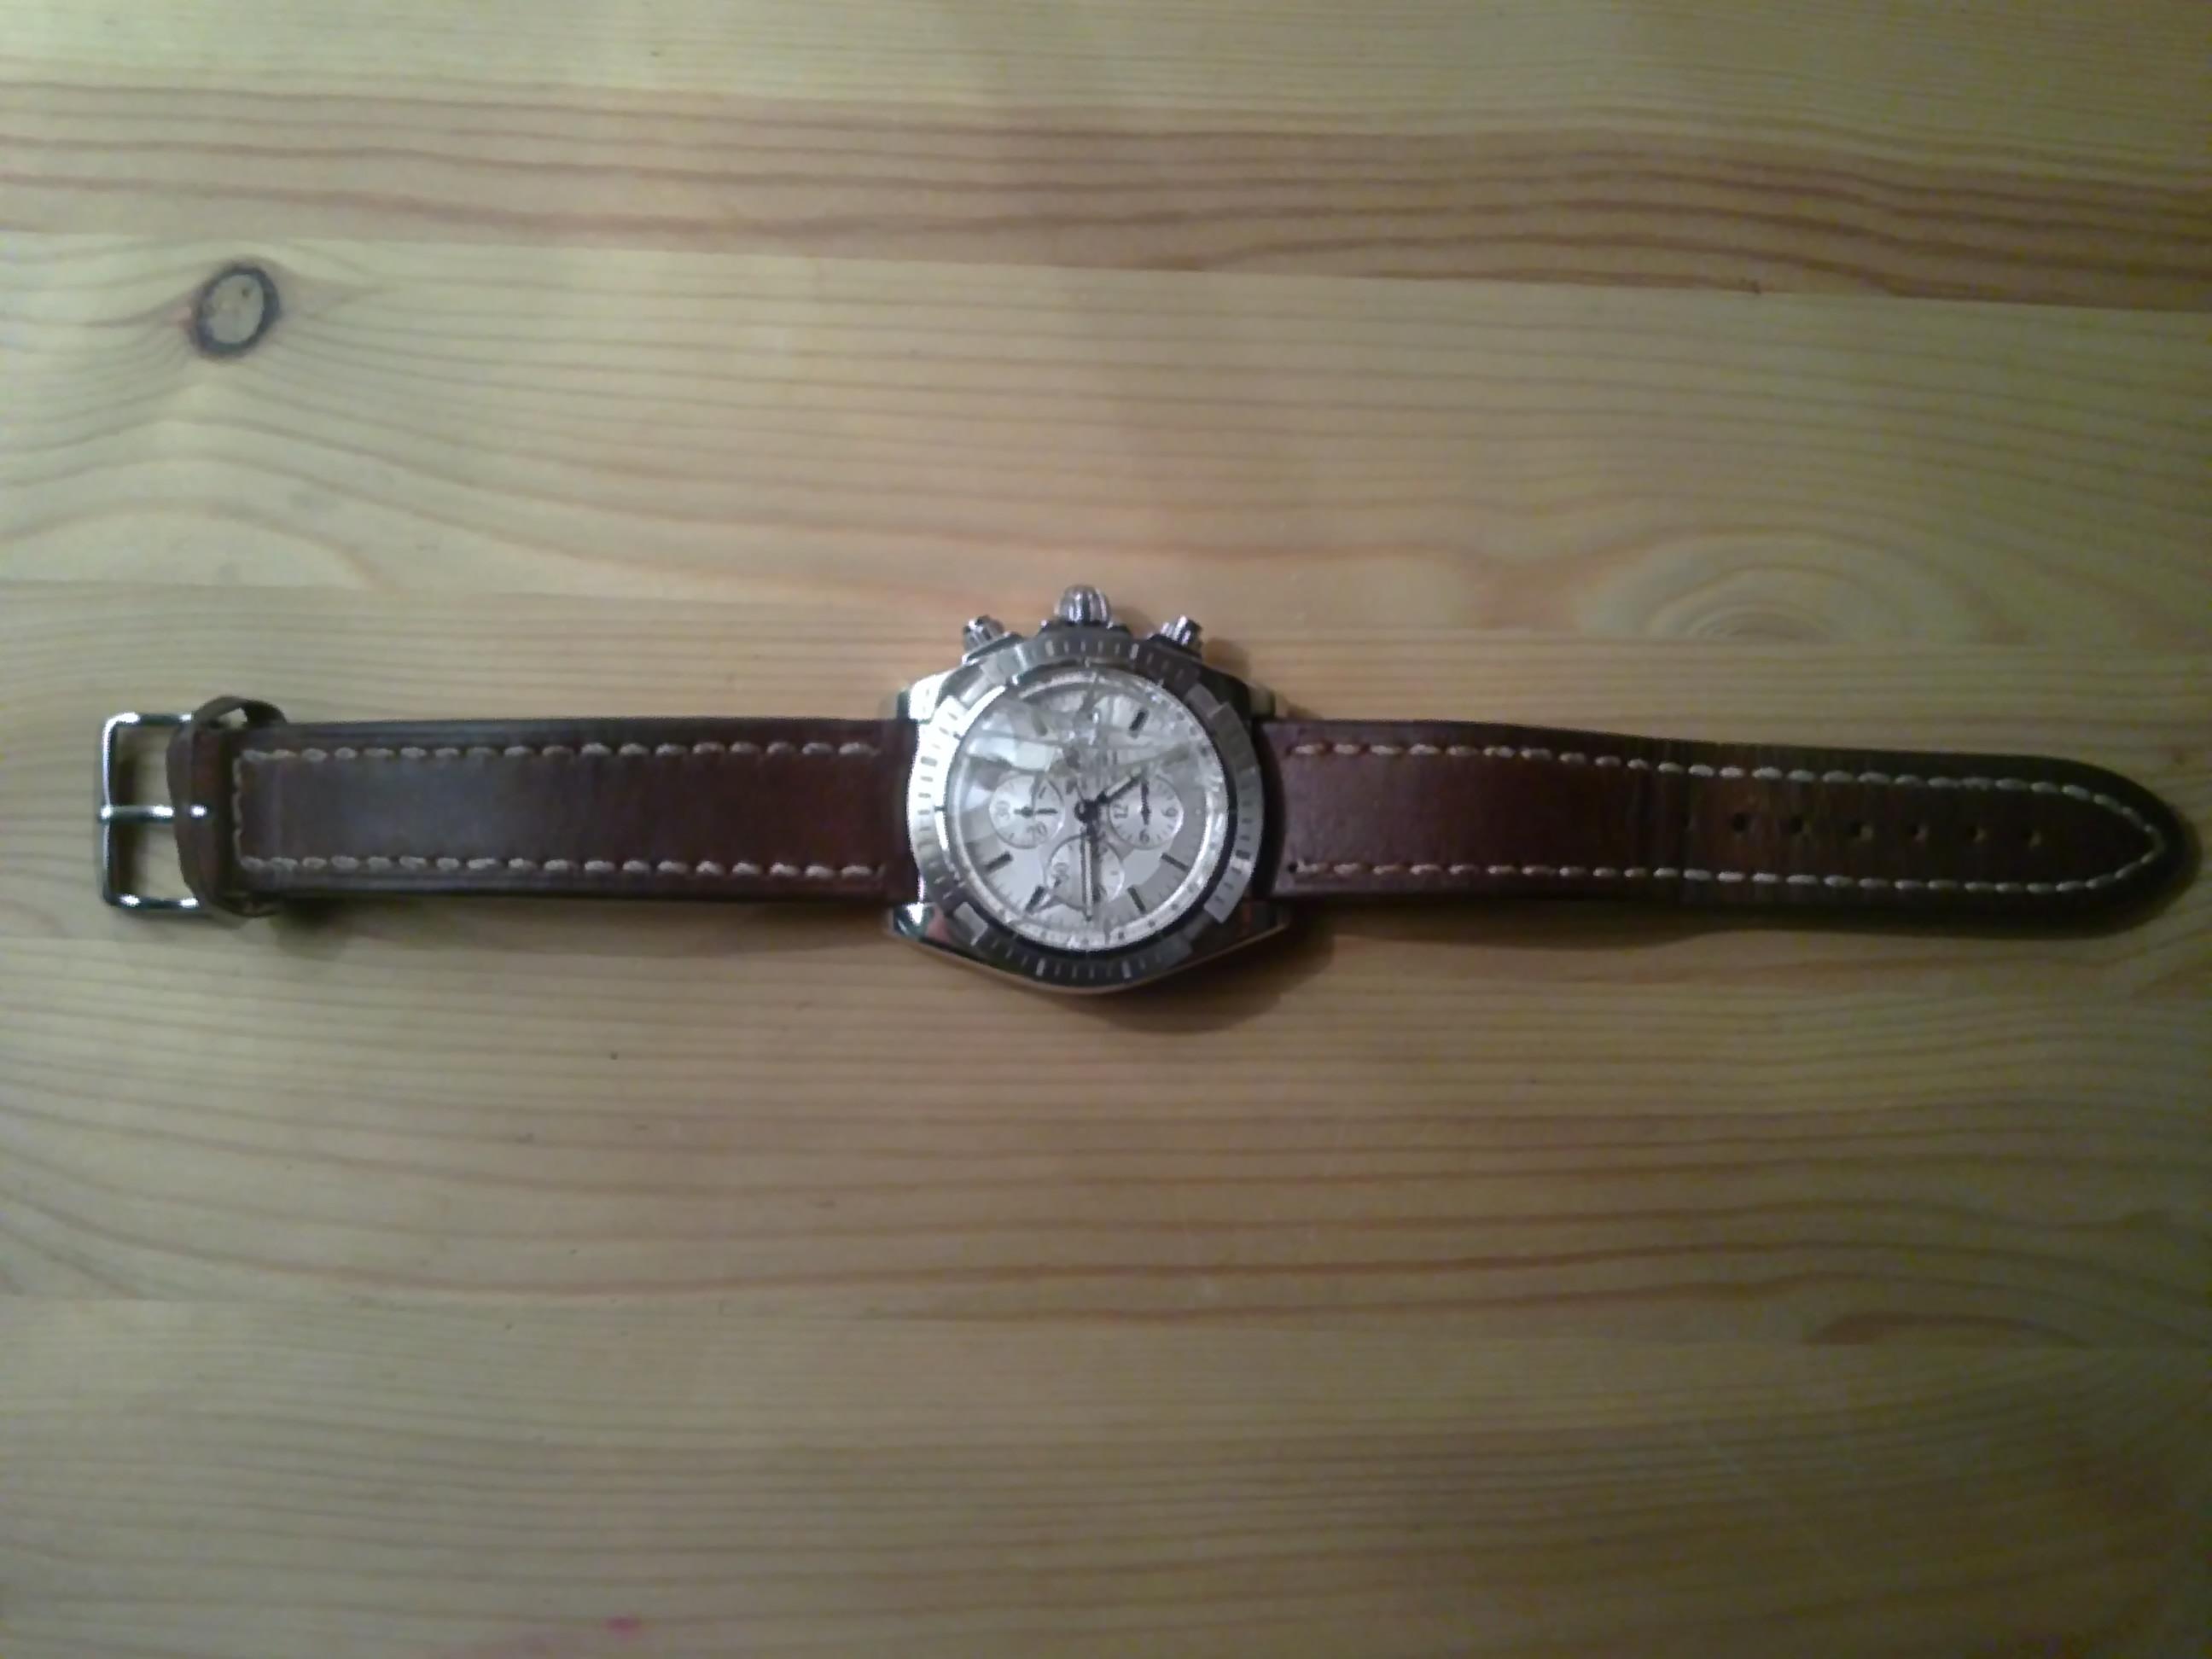 wieviel w re diese breitling uhr wert preis verkaufen armbanduhr. Black Bedroom Furniture Sets. Home Design Ideas